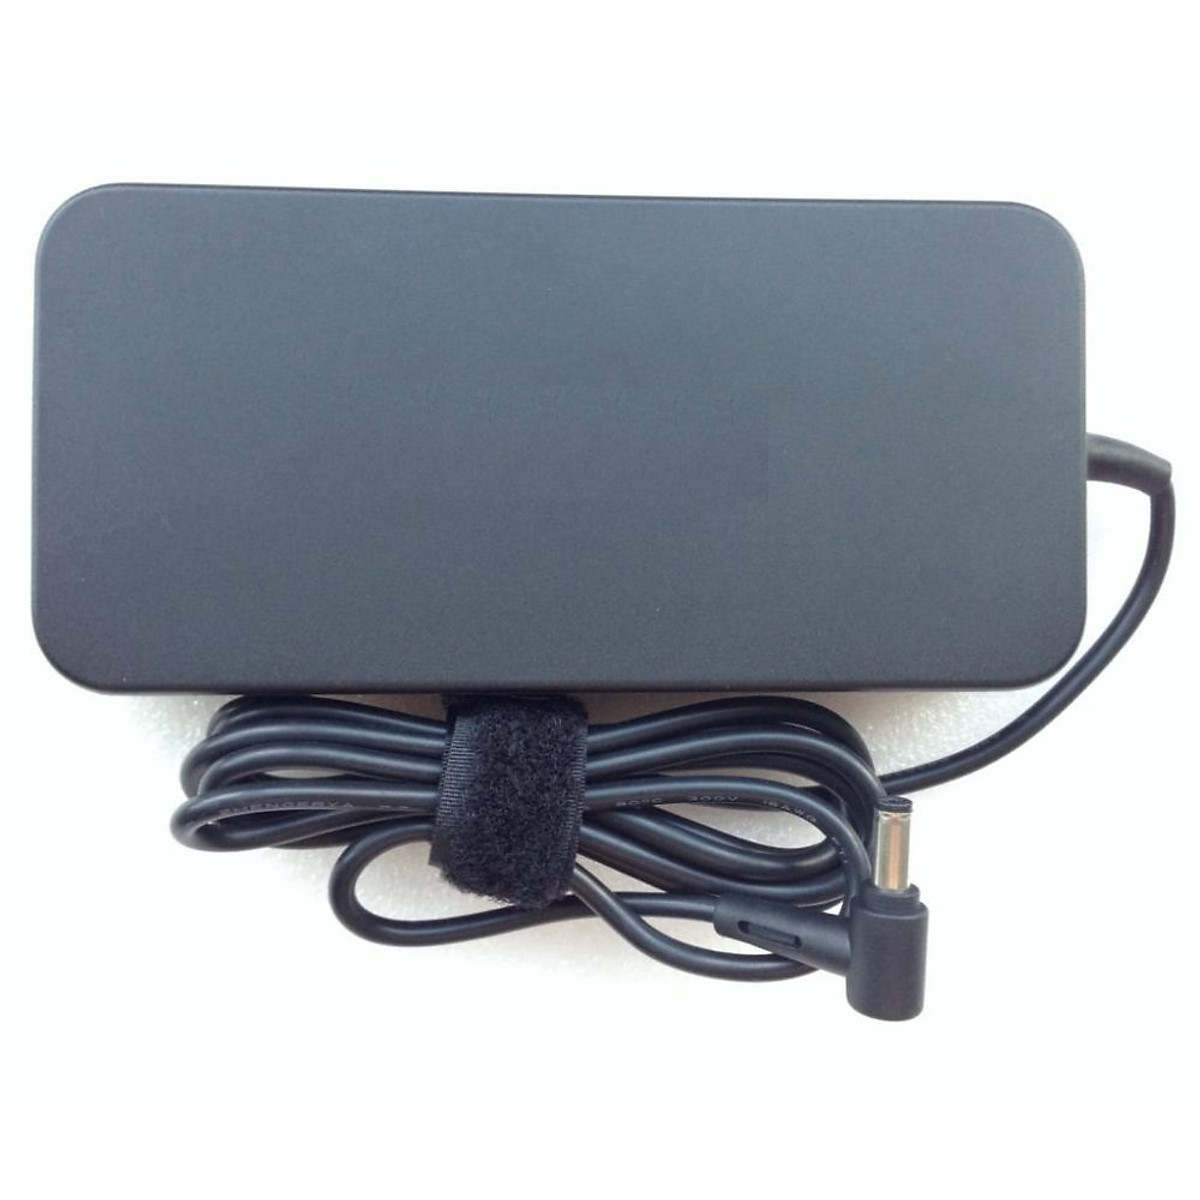 Sạc dành cho Laptop Asus K550V, K550VX Adapter 19V-6.32A